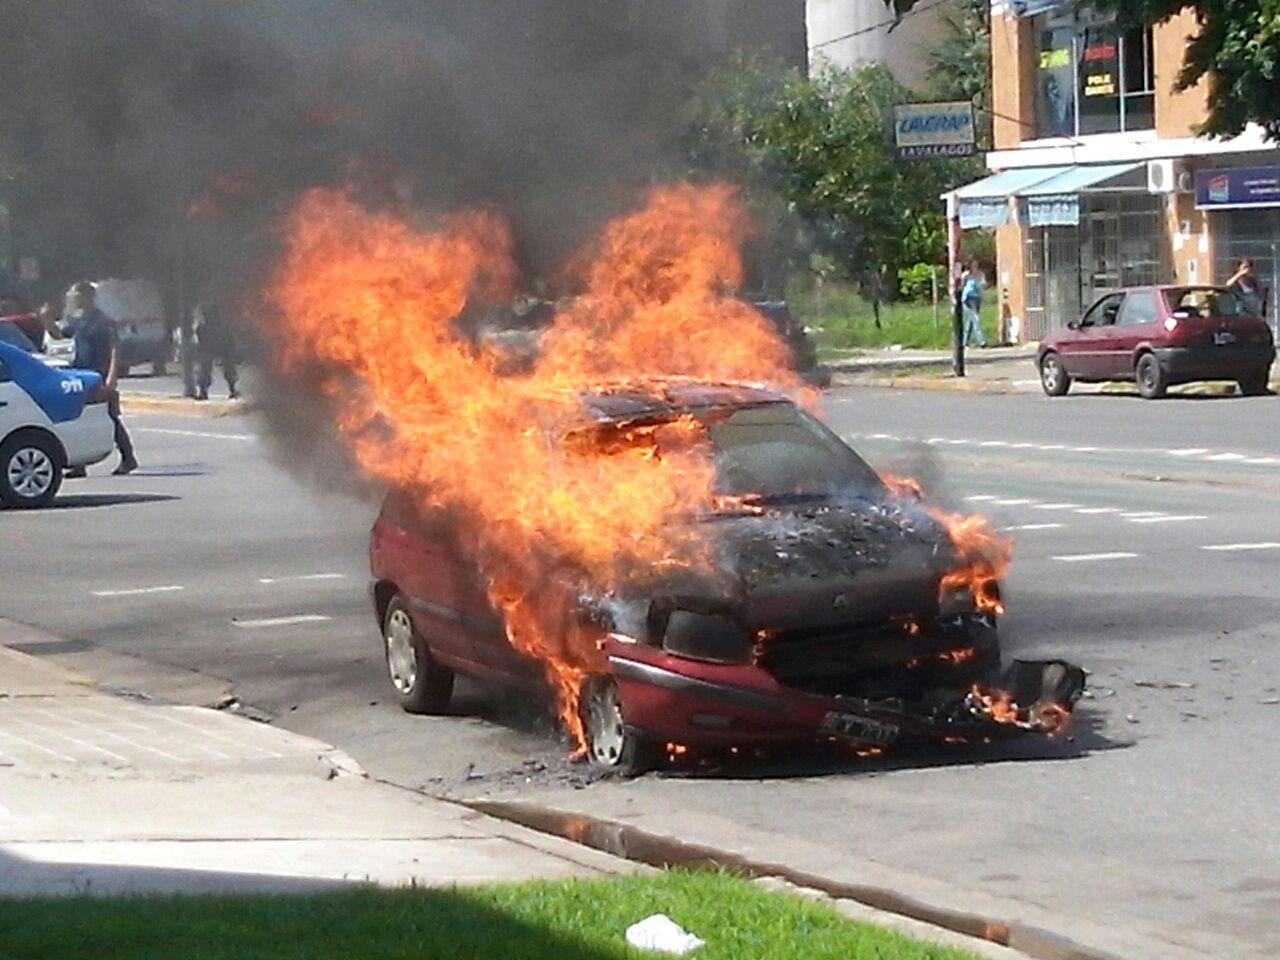 En llamas. El auto quedó envuelto en llamas en Ovidio Lagos al 3000. (Foto: A. Amaya)